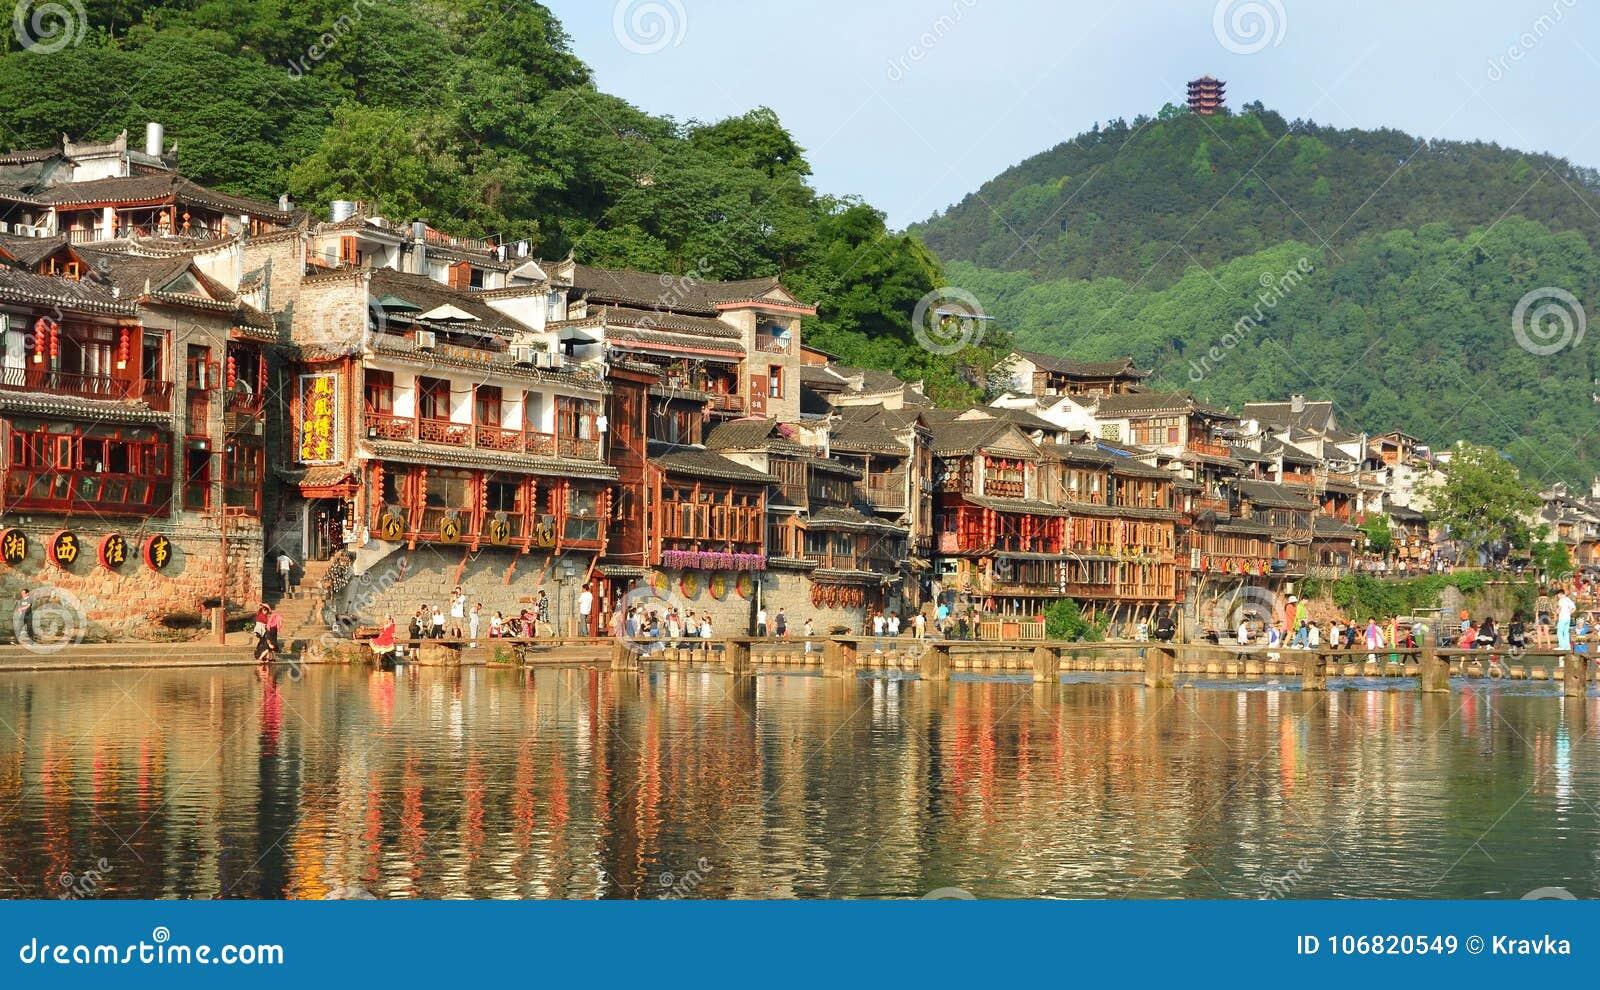 Fenghuang Kina - Maj 15, 2017: Gammal byggnad med folk i matdomstol på flodstranden nära Phoenix Hong Bridge i Fenghuang